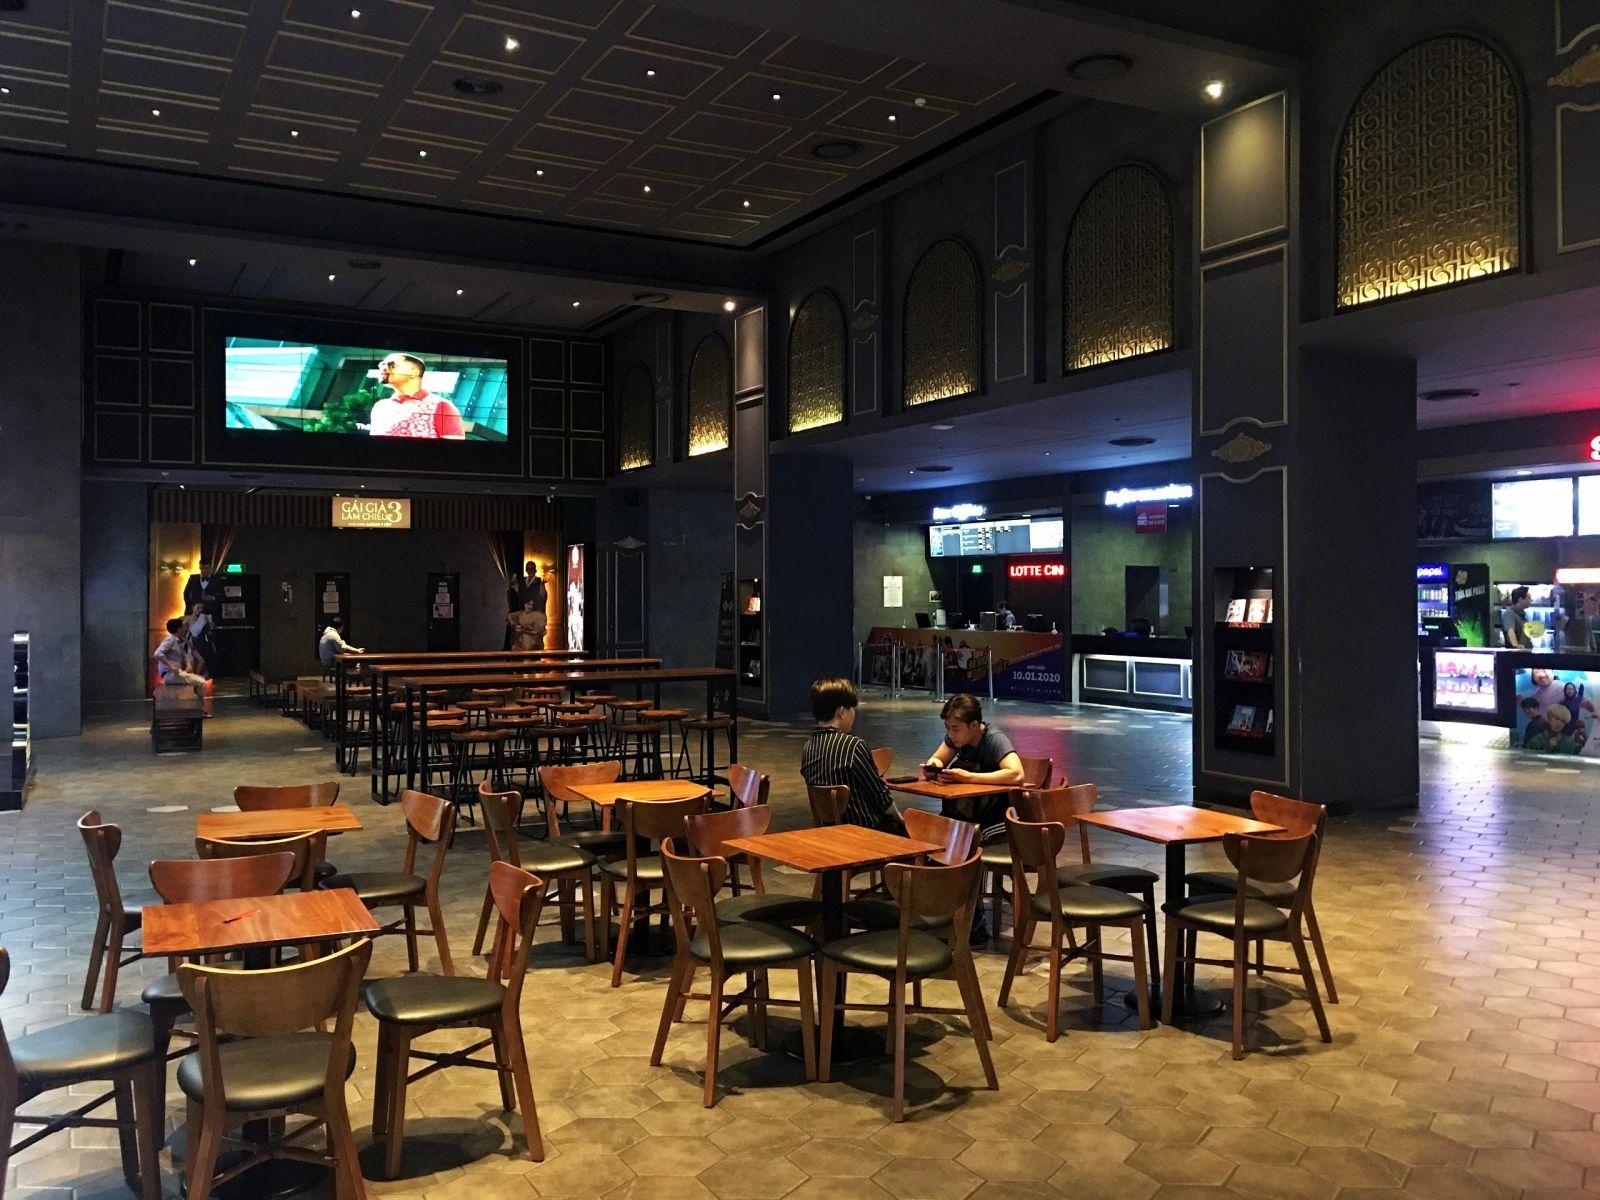 bày trí bàn ghế nội thất tại lotte cinema - gò vấp